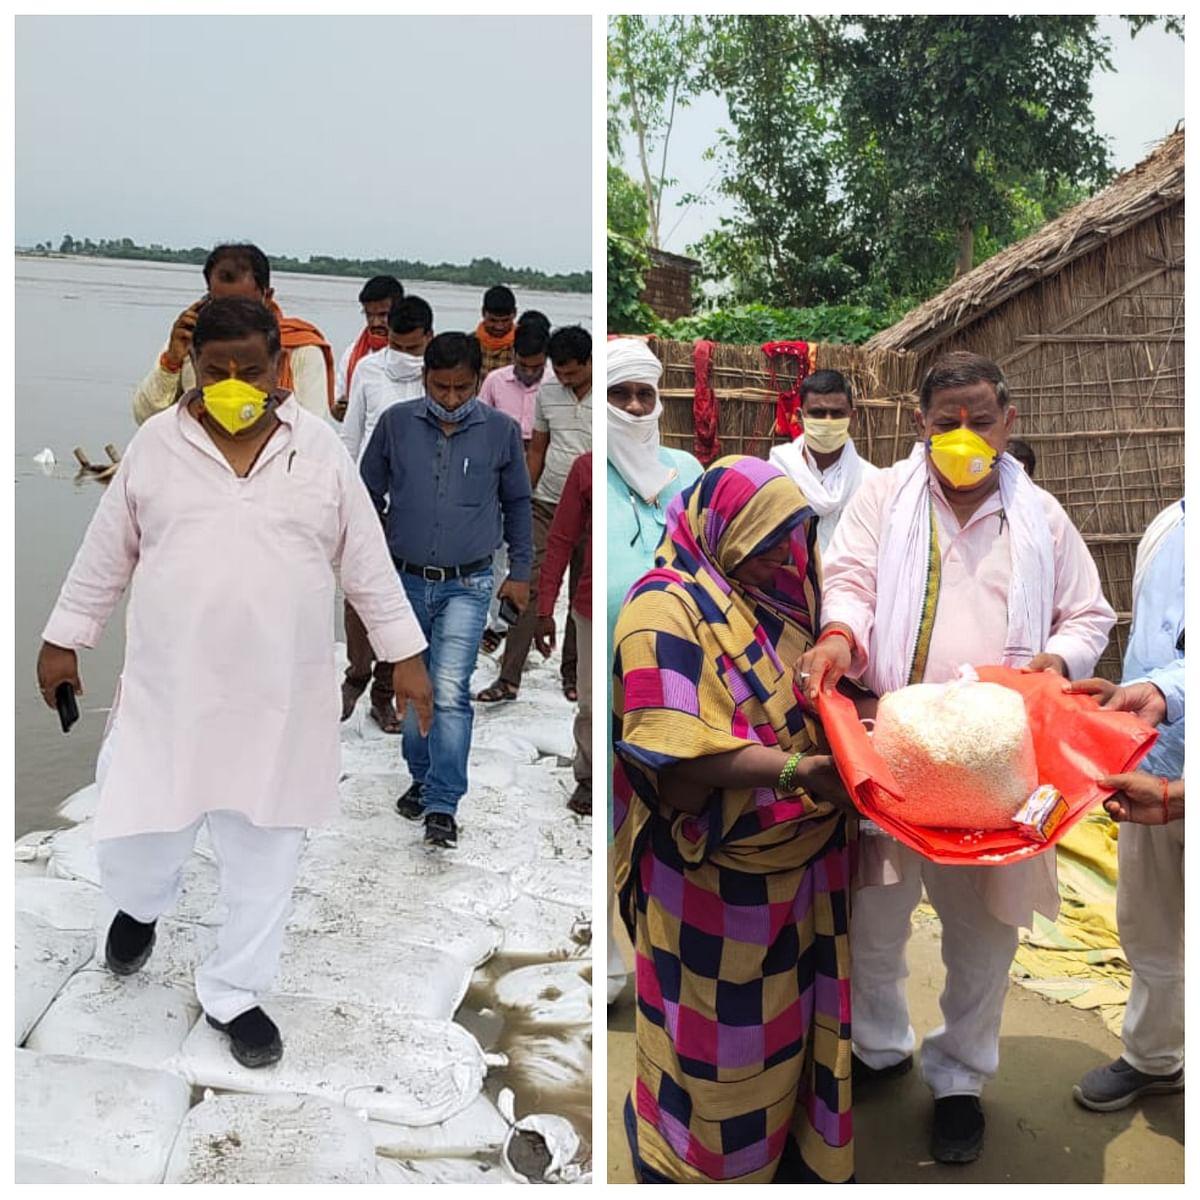 सीतापुर: सेउता विधायक ने बाढ़ क्षेत्र का लिया जायजा, बाढ़ पीड़ितों को प्रदान की राहत सामग्री